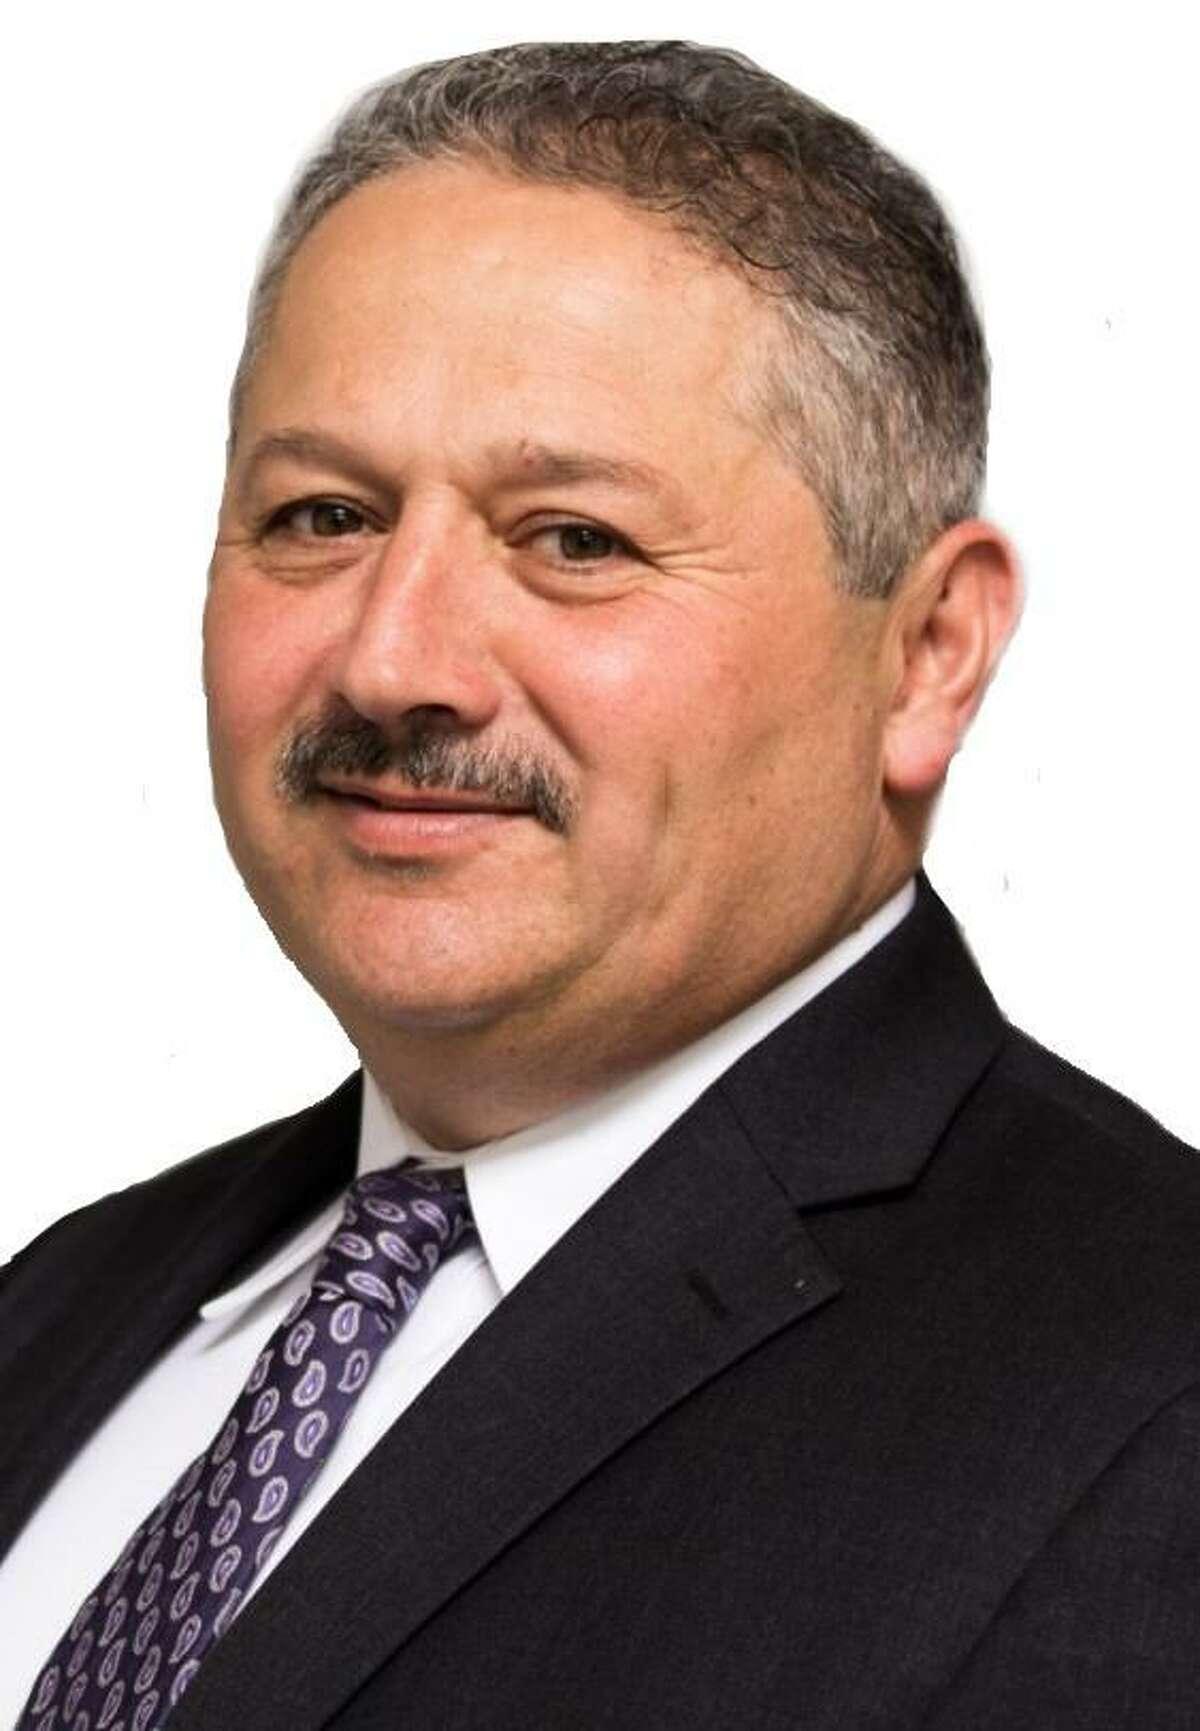 Tony Vitti